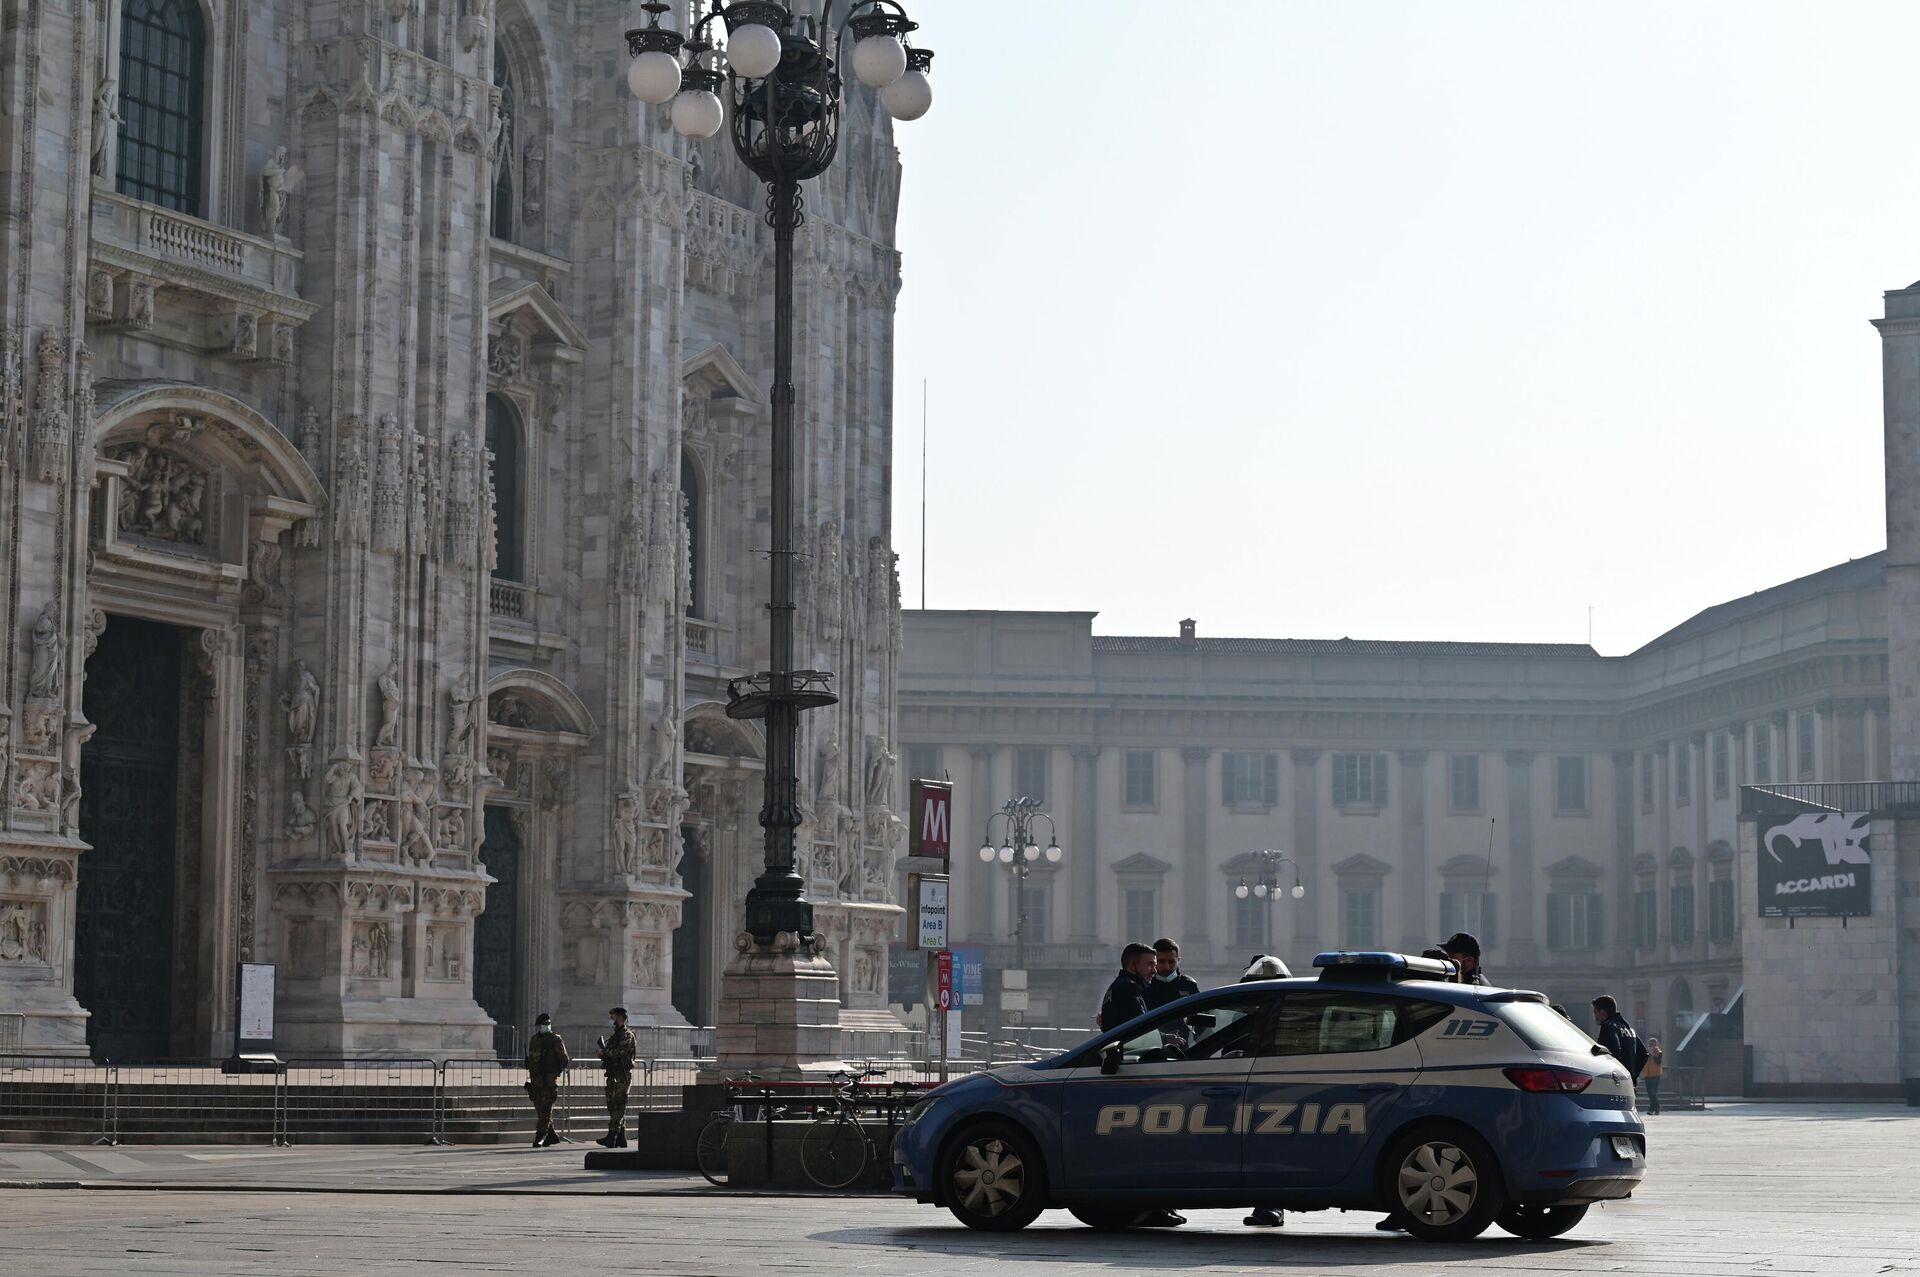 Солдаты итальянской армии и полицейские патрулируют площадь перед собором Дуомо в центре Милана - РИА Новости, 1920, 17.11.2020